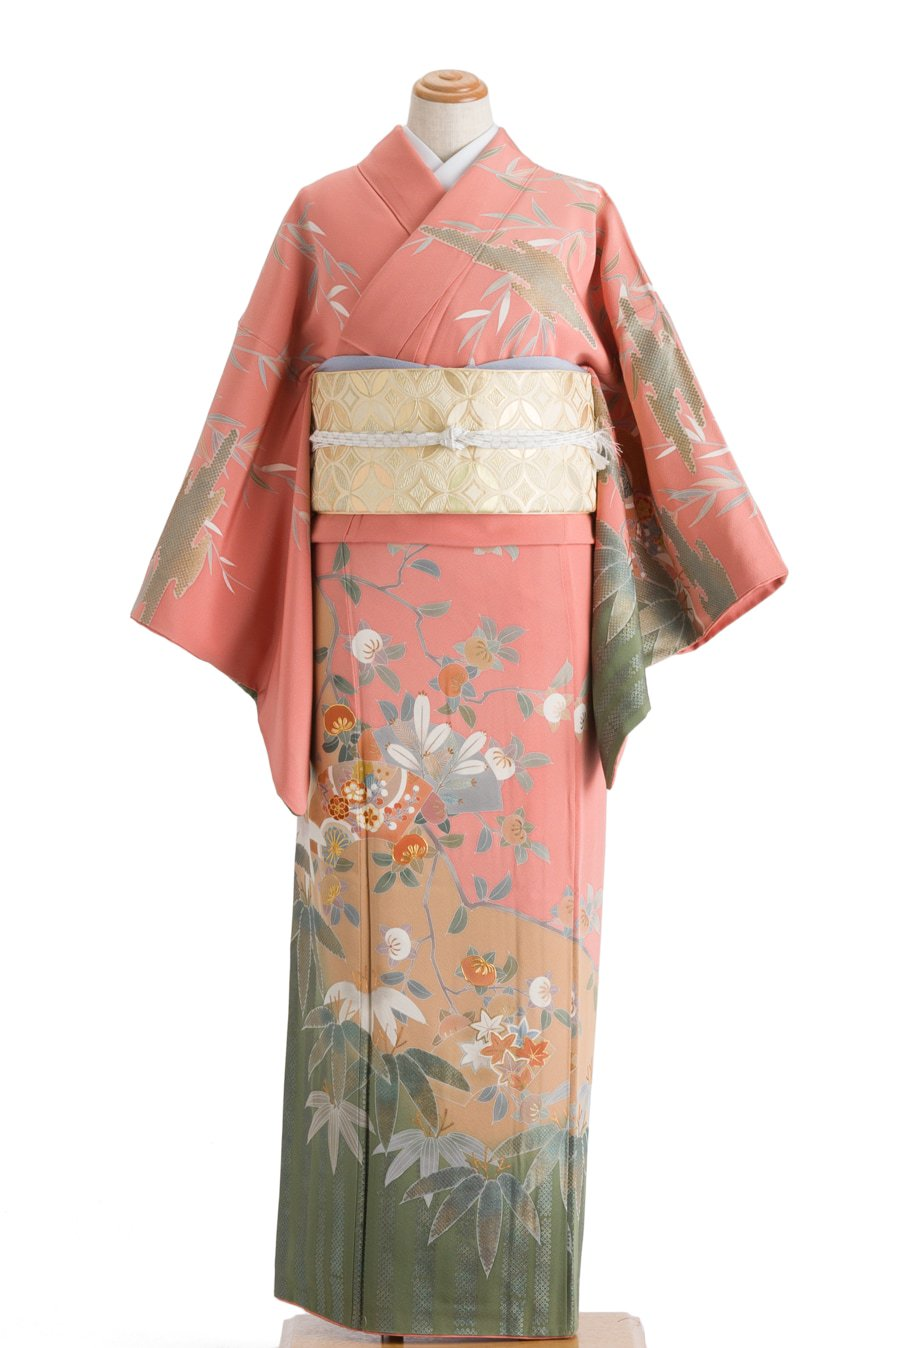 「訪問着 竹に橘 柳など」の商品画像